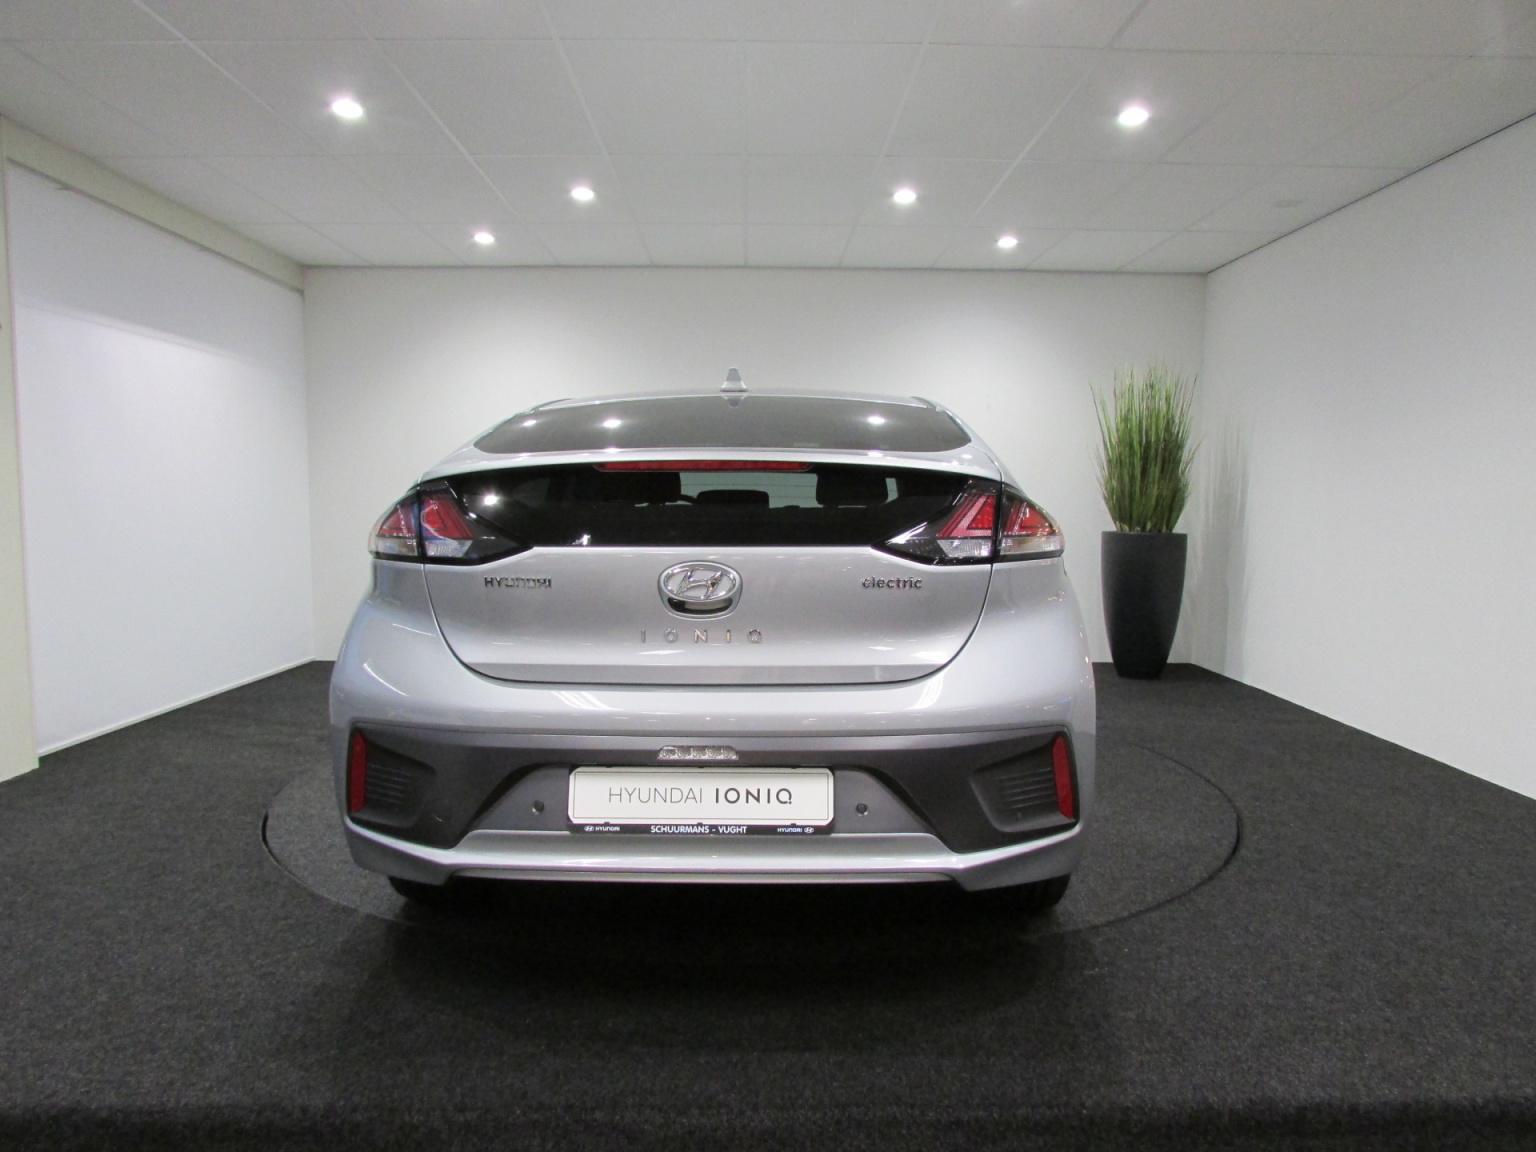 Hyundai-IONIQ-4